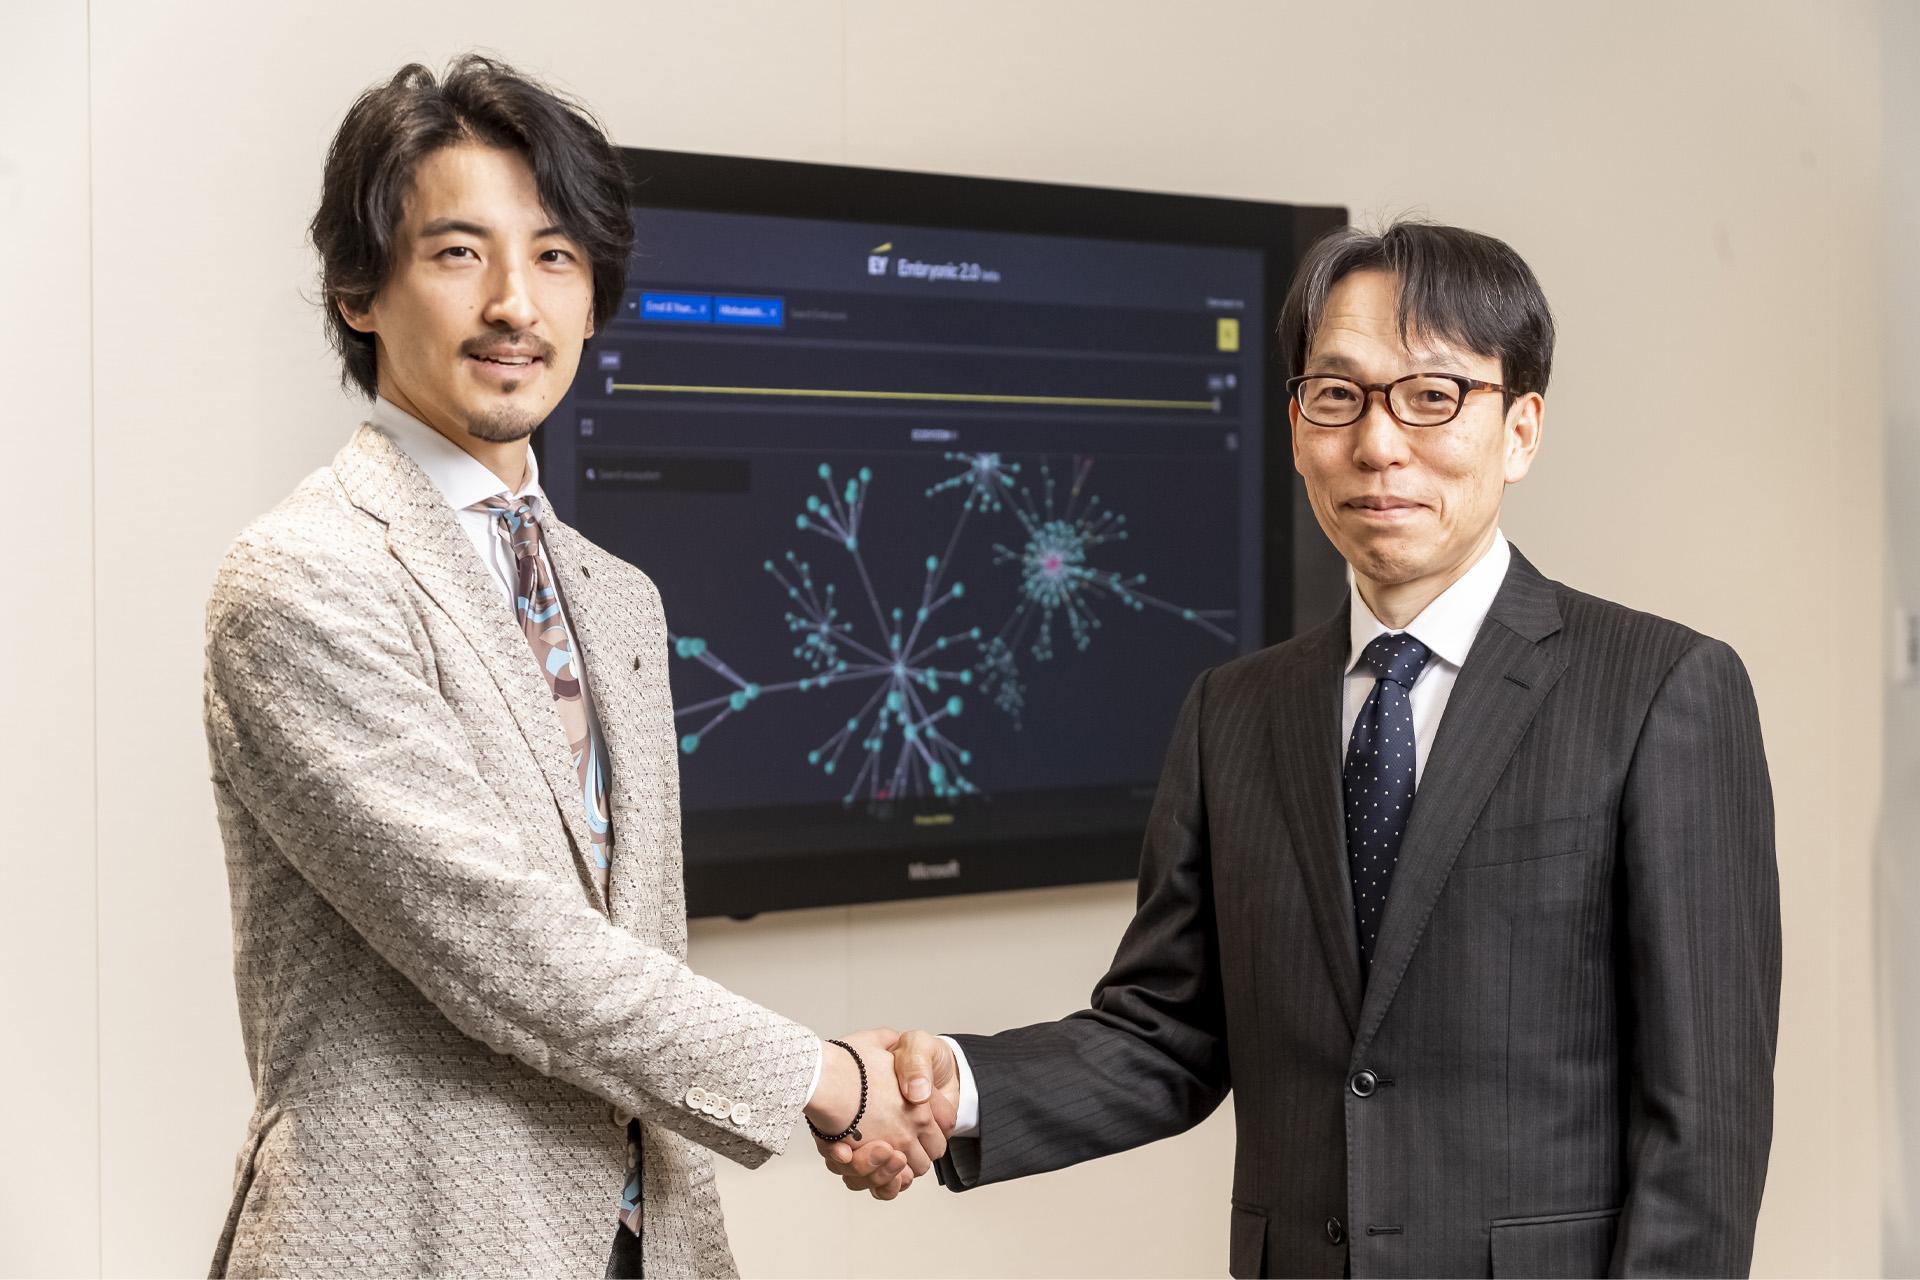 一橋大学イノベーション研究センターと連携し、将来エコシステムの理論研究を推進